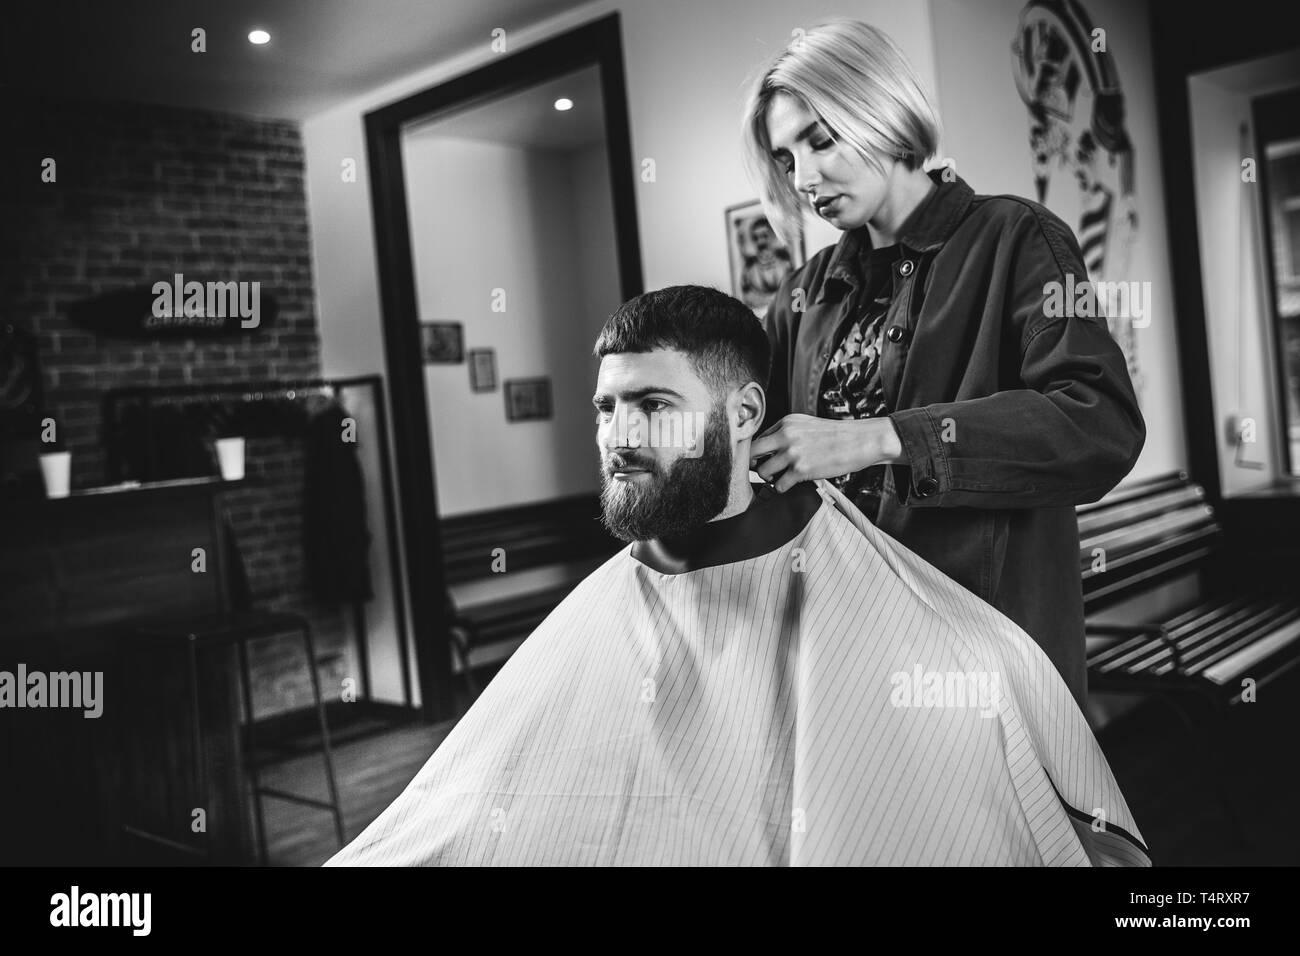 Junge Frau Die Haare Schneiden Lassen Fur Die Bartigen Mann Im